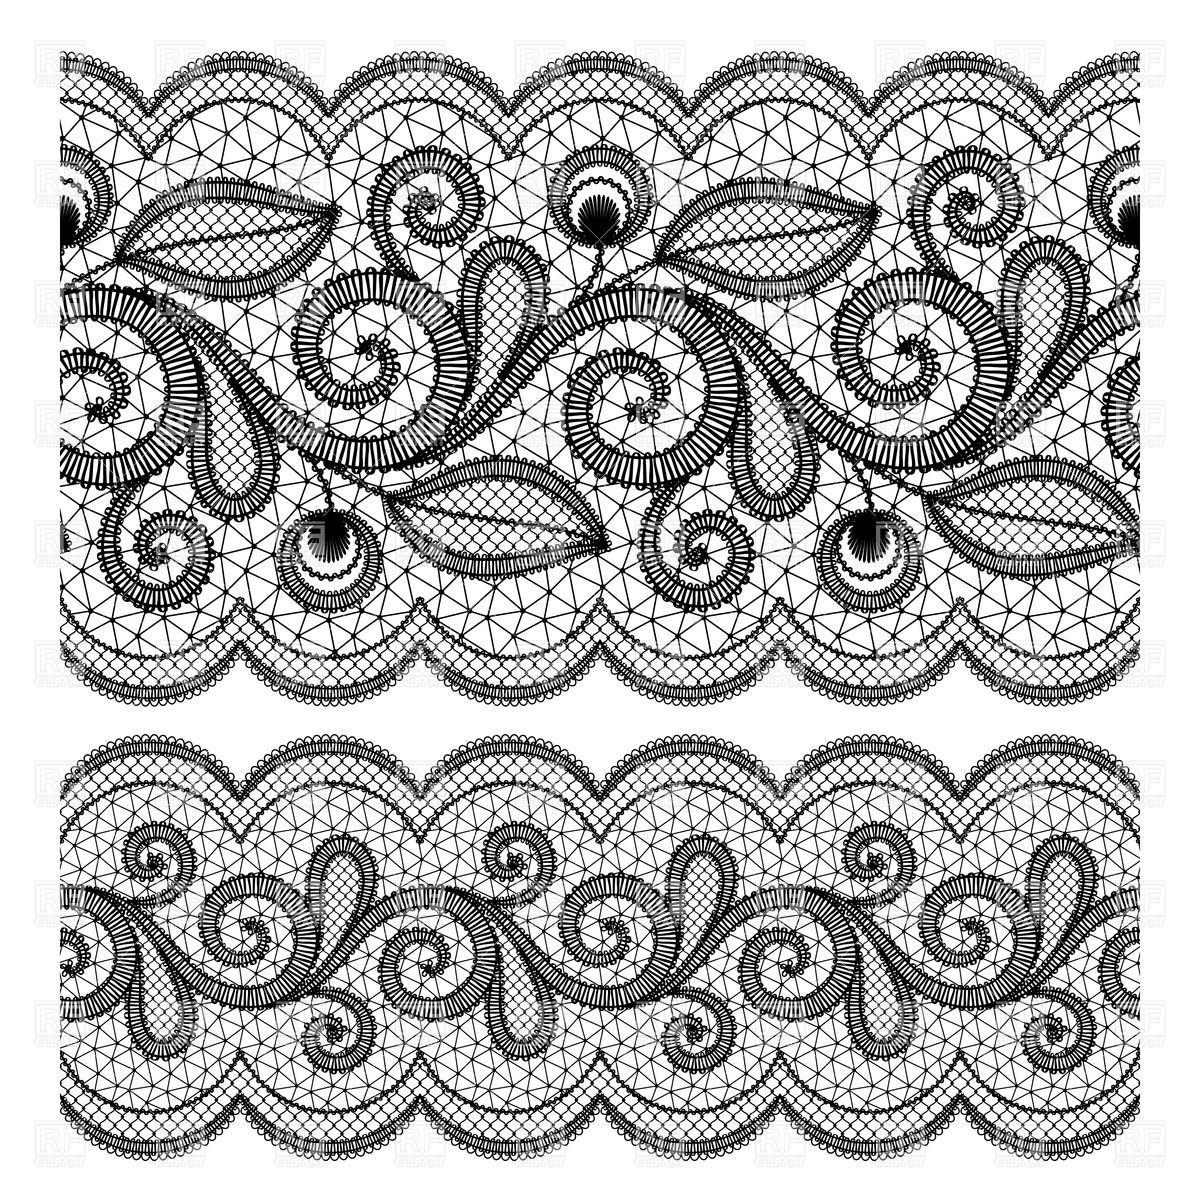 lace texture - Buscar con Google   lace pattern   Pinterest   Lace ...